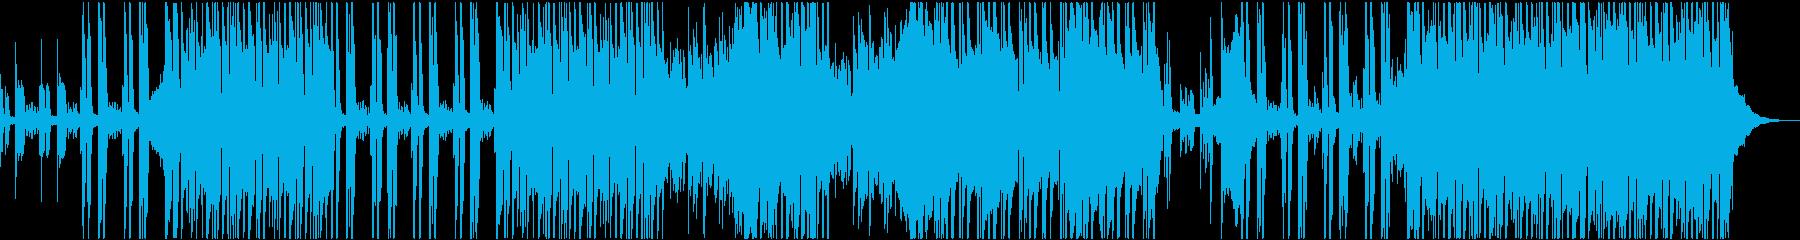 メルヘンチック 木管重奏 の再生済みの波形